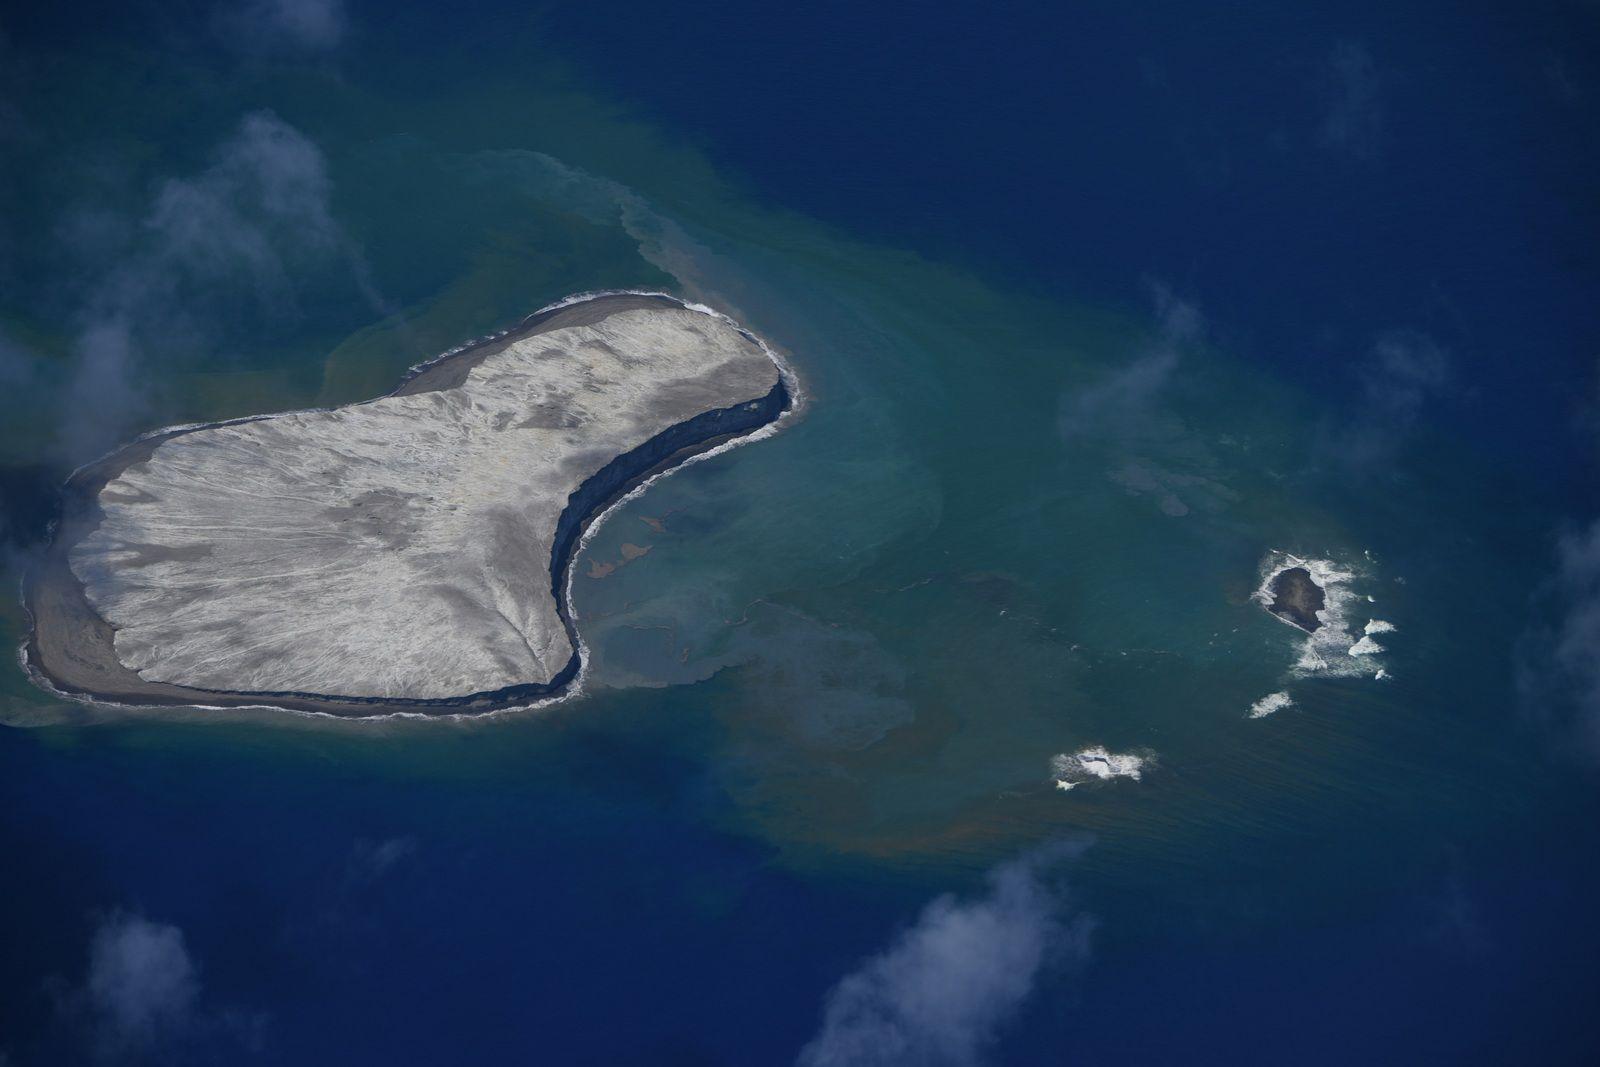 Fukutoku Okanoba  - changements morphologiques dus à l'érosion le 26.08.2021 / 13h07 - photo Japan Coast Guards  - un clic pour agrandir